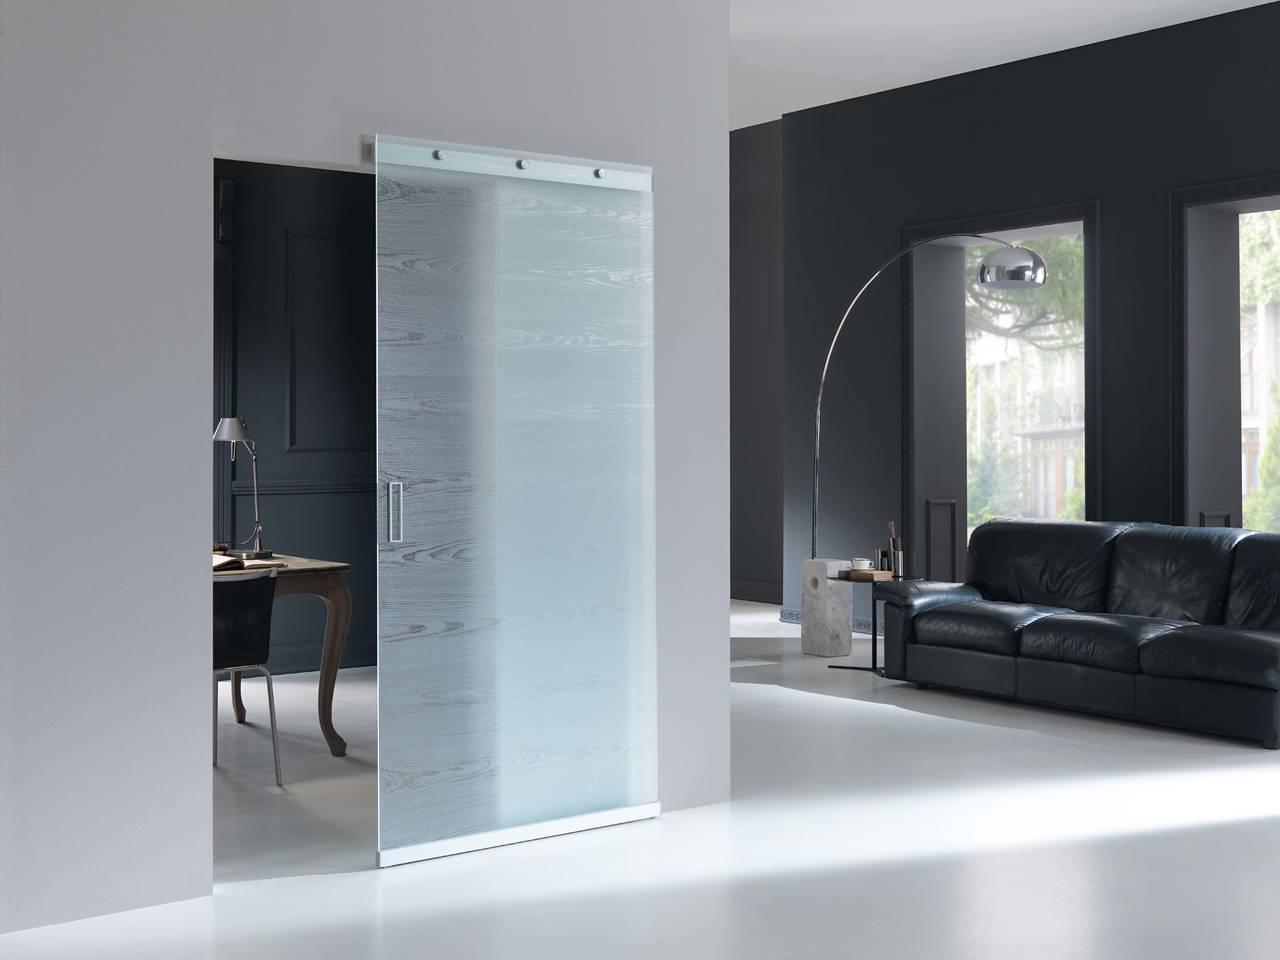 Una vetrina scenografica per bertolotto spa - Bertolotto porte spa ...